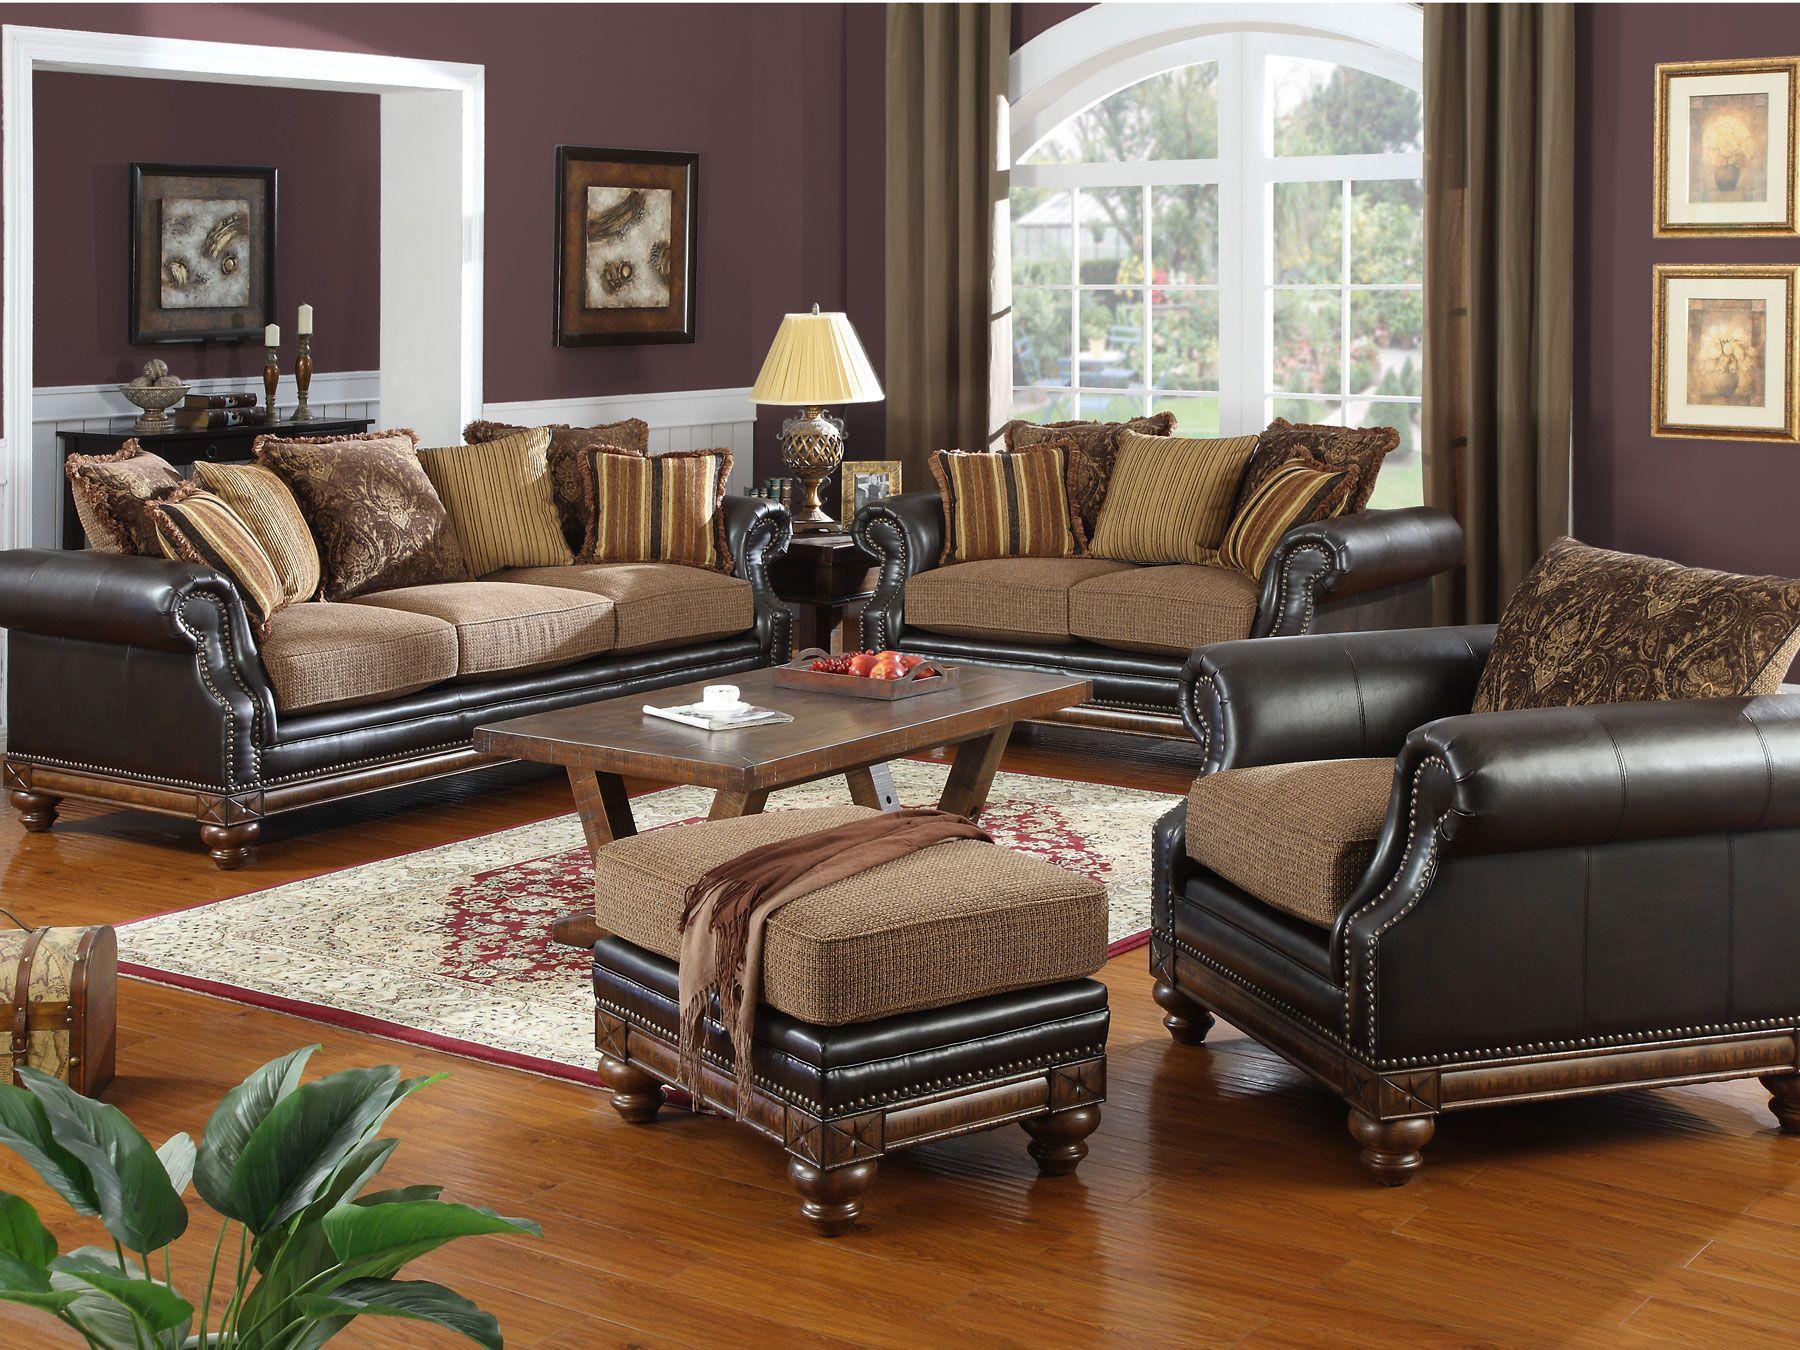 AuBergewohnlich #Wohnzimmer Moderne Wohnzimmer Möbel Sets Ohne überladenen Stil #Moderne # Wohnzimmer #Möbel #Sets #ohne #überladenen #Stil